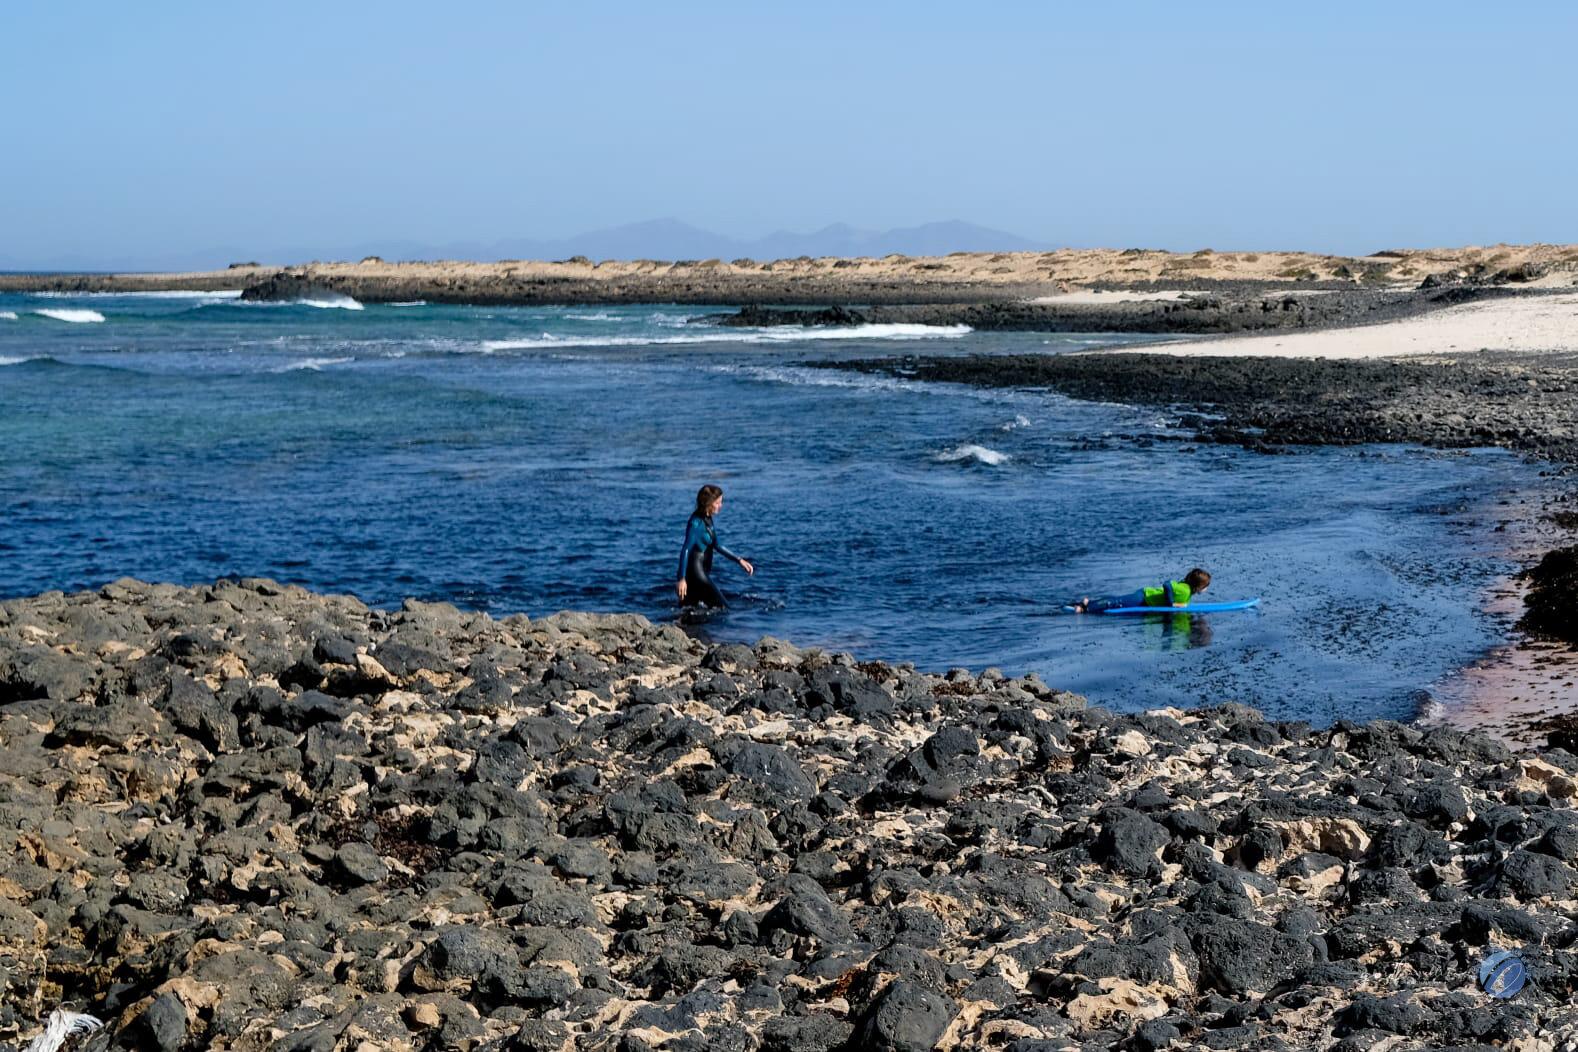 FuerteTribu_surfcamp_navidad_surfkids_surfadaptado_surfskate-4.jpg